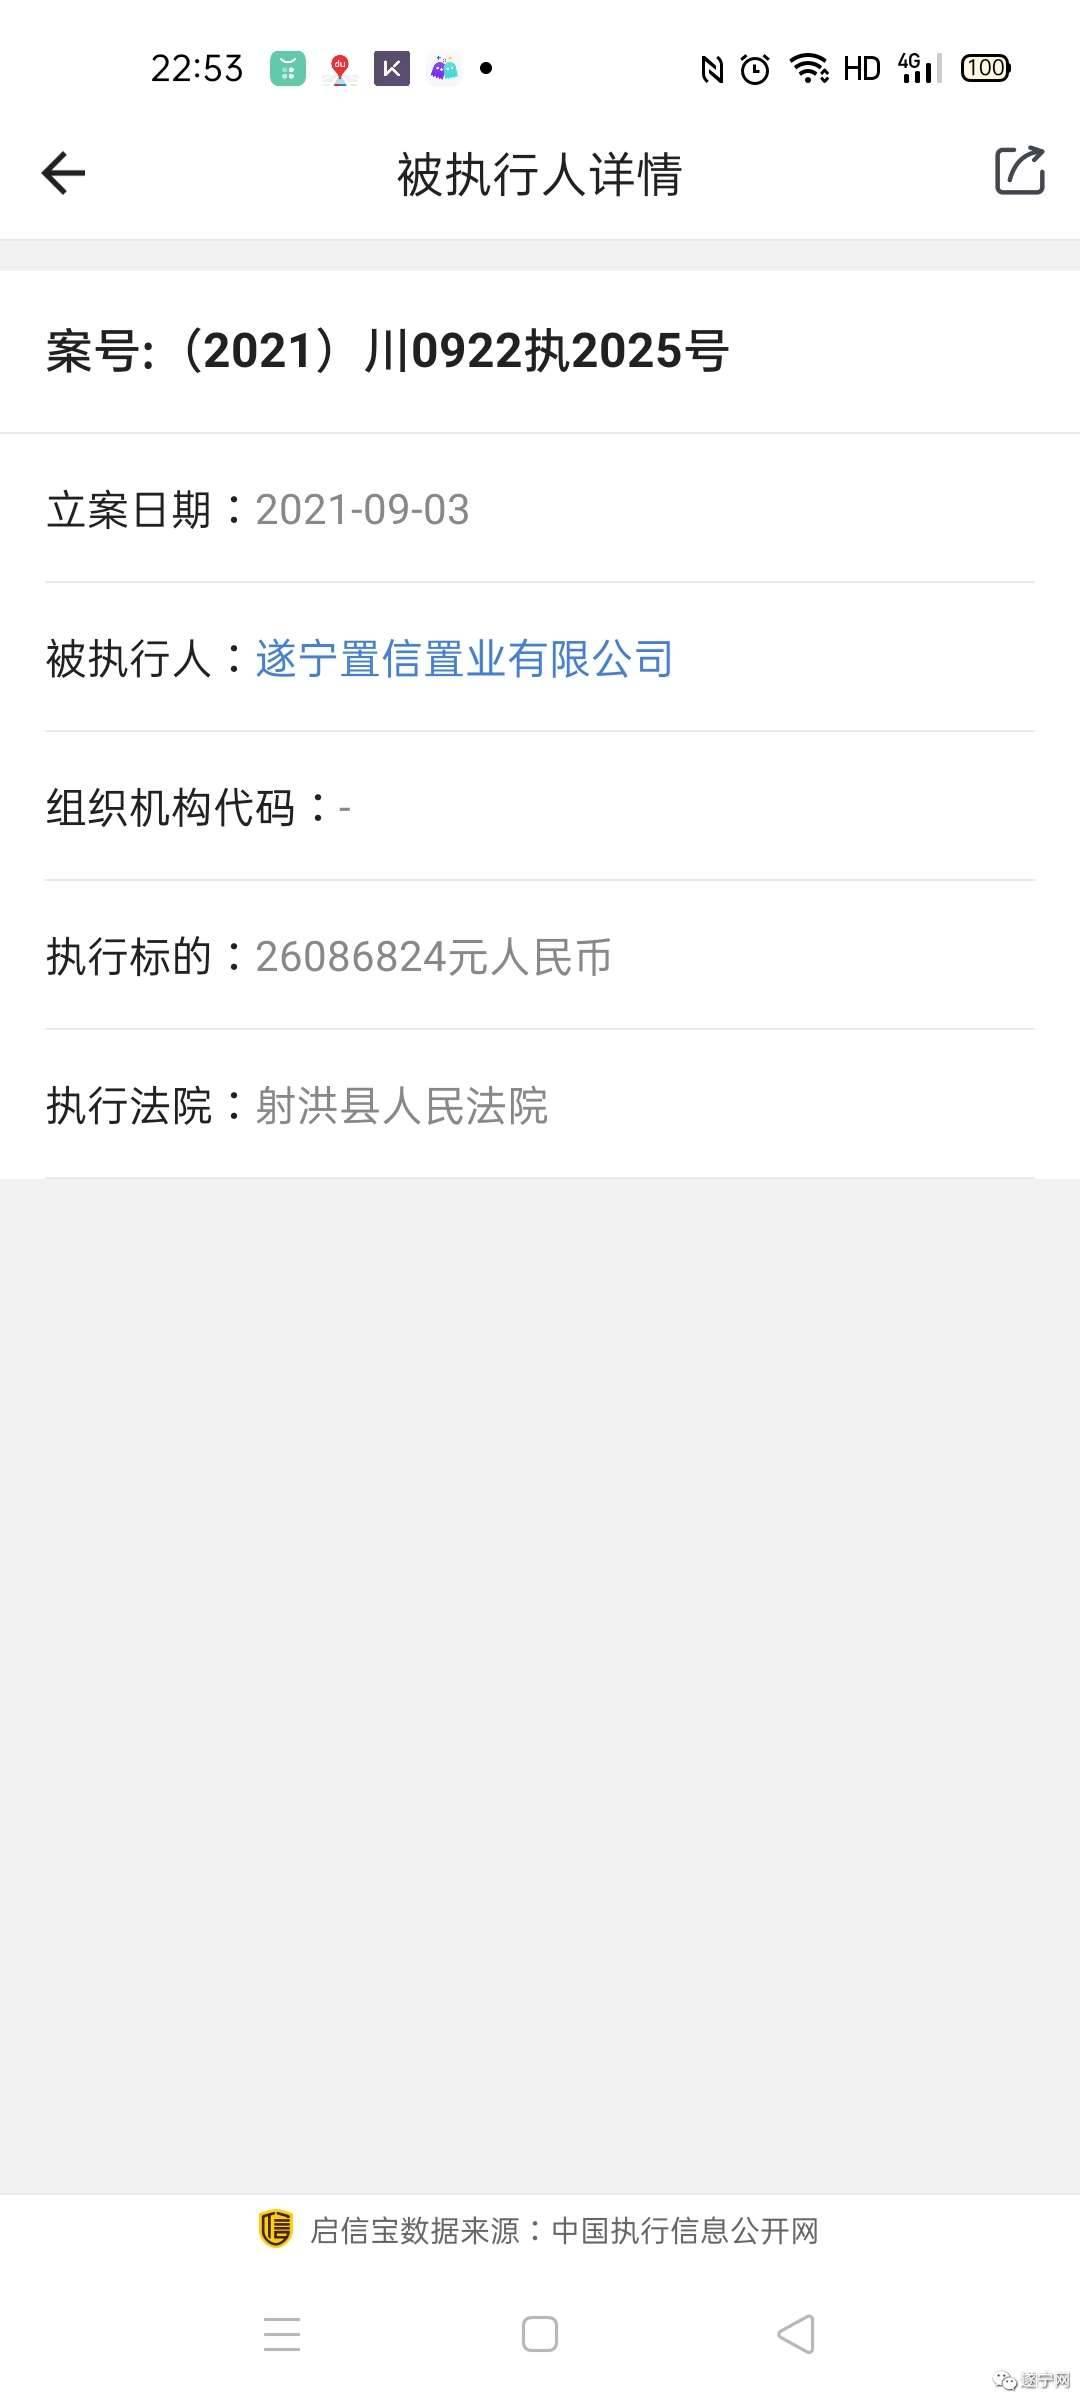 Screenshot_2021-09-30-22-53-13-40.jpg